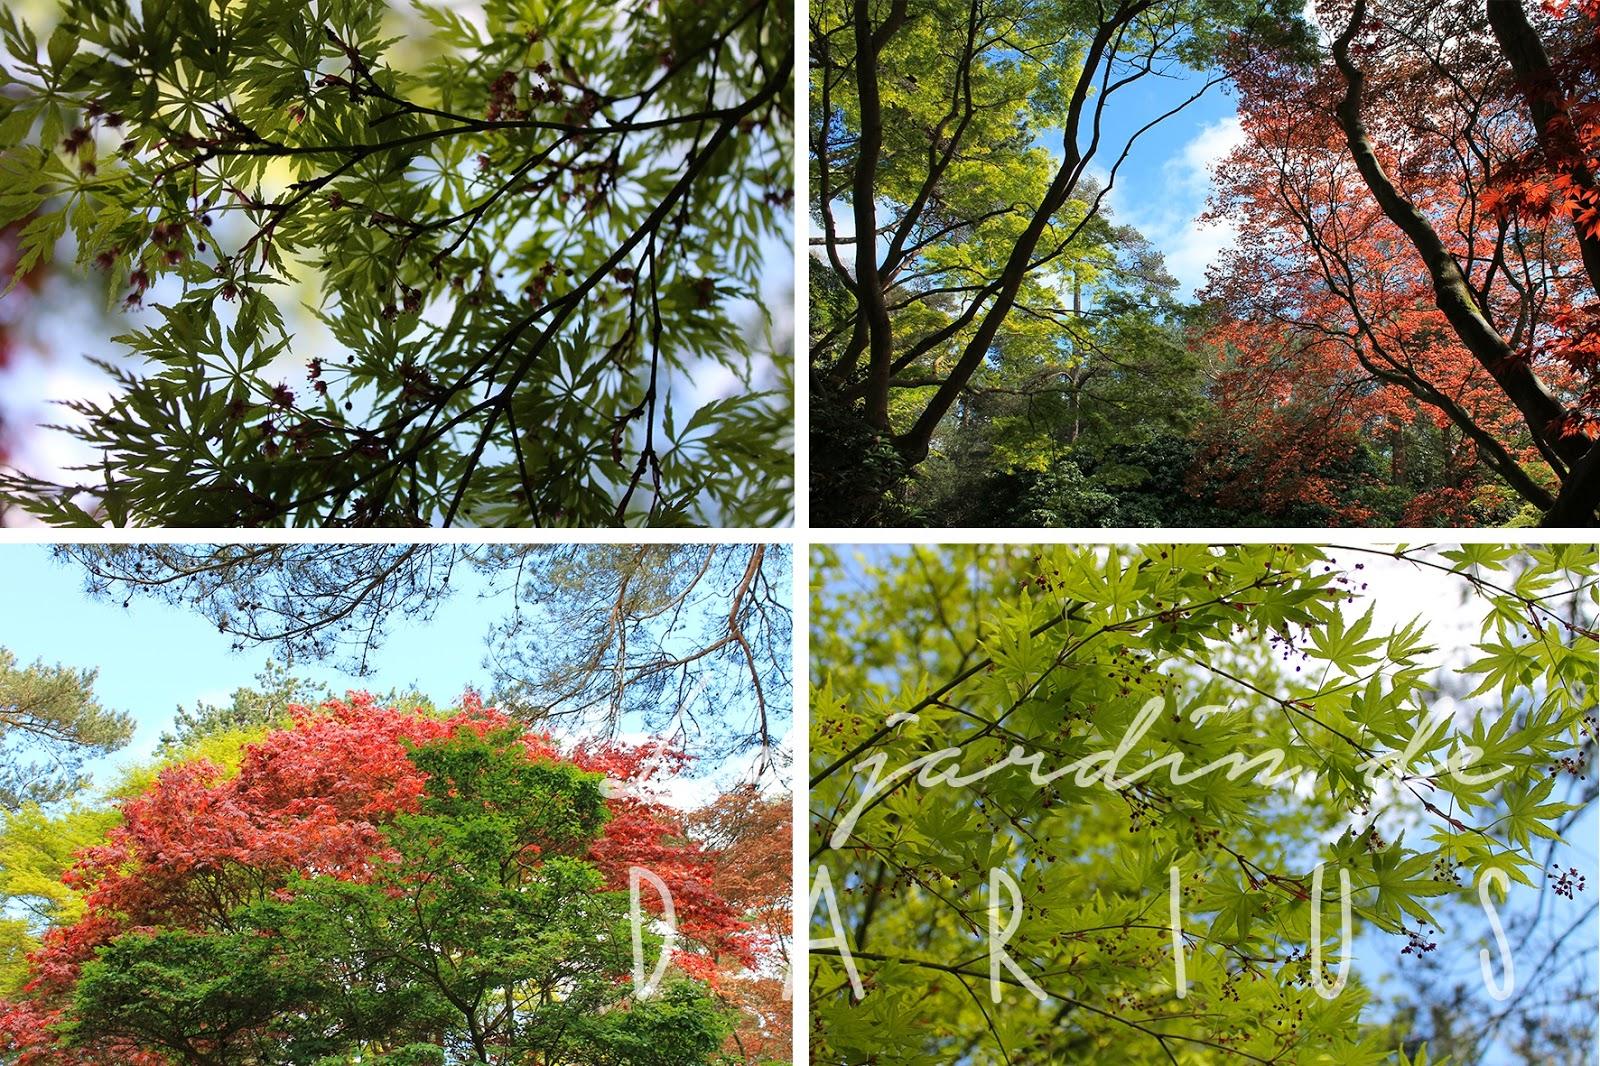 Le jardin de darius bois des moutiers 1 2 - Le jardin d erables ...